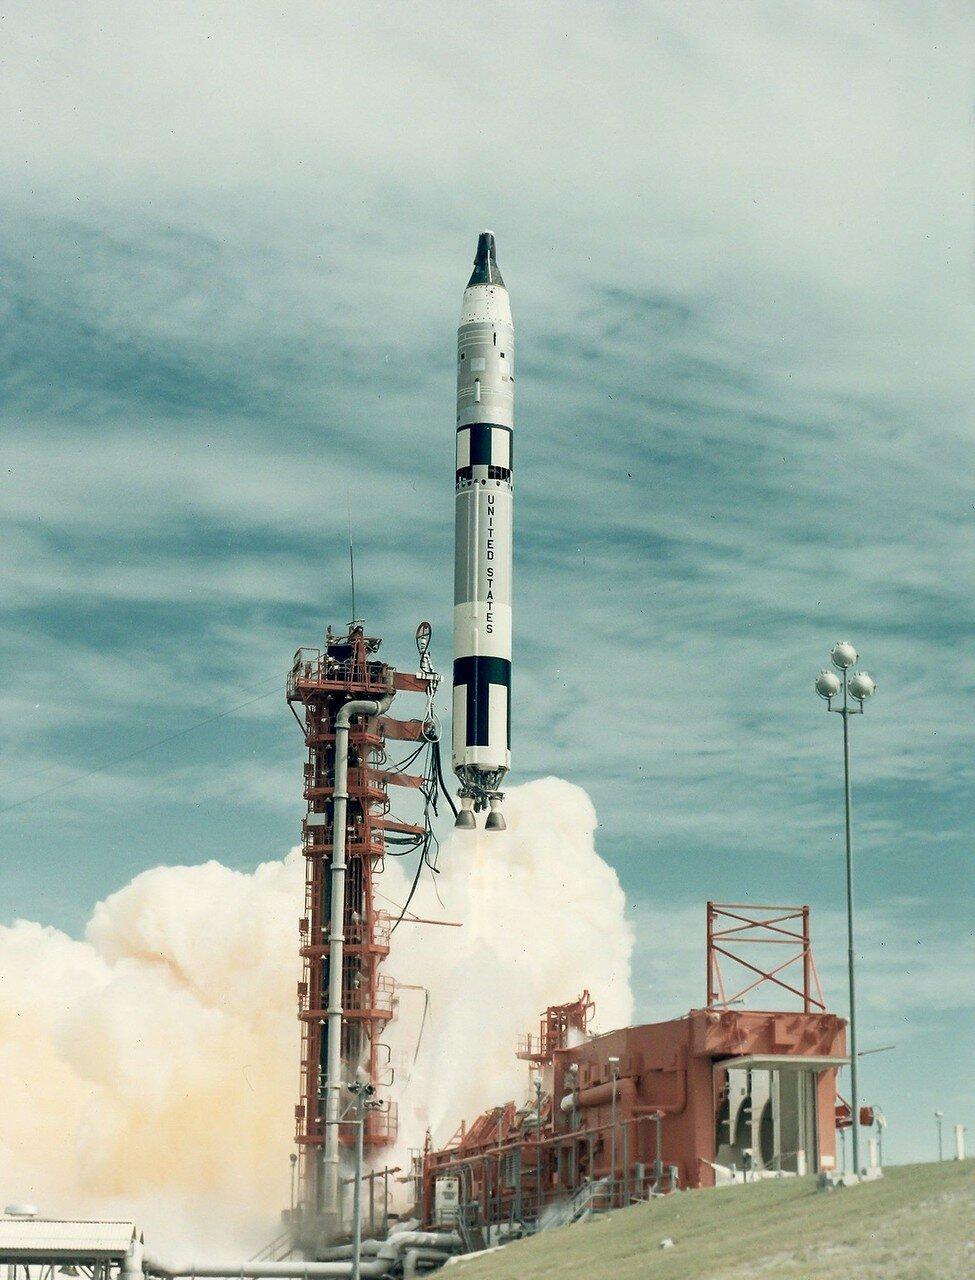 1966, 12 сентября. Старт Джемини-11. Основной целью полёта являлось сближение и стыковка с мишенью Аджена-XI, а также отработка систем автоматической посадки. Второстепенные задачи включали 11 различных экспериментов и 1 выход в открытый космос